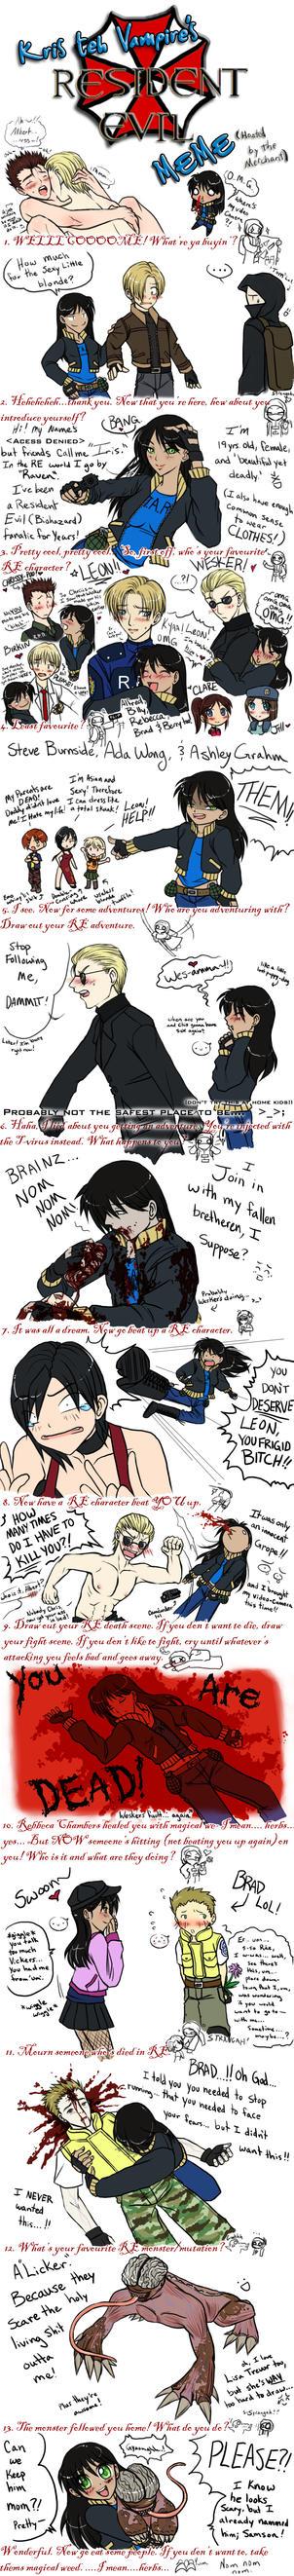 Resident Evil Meme by IrisHime